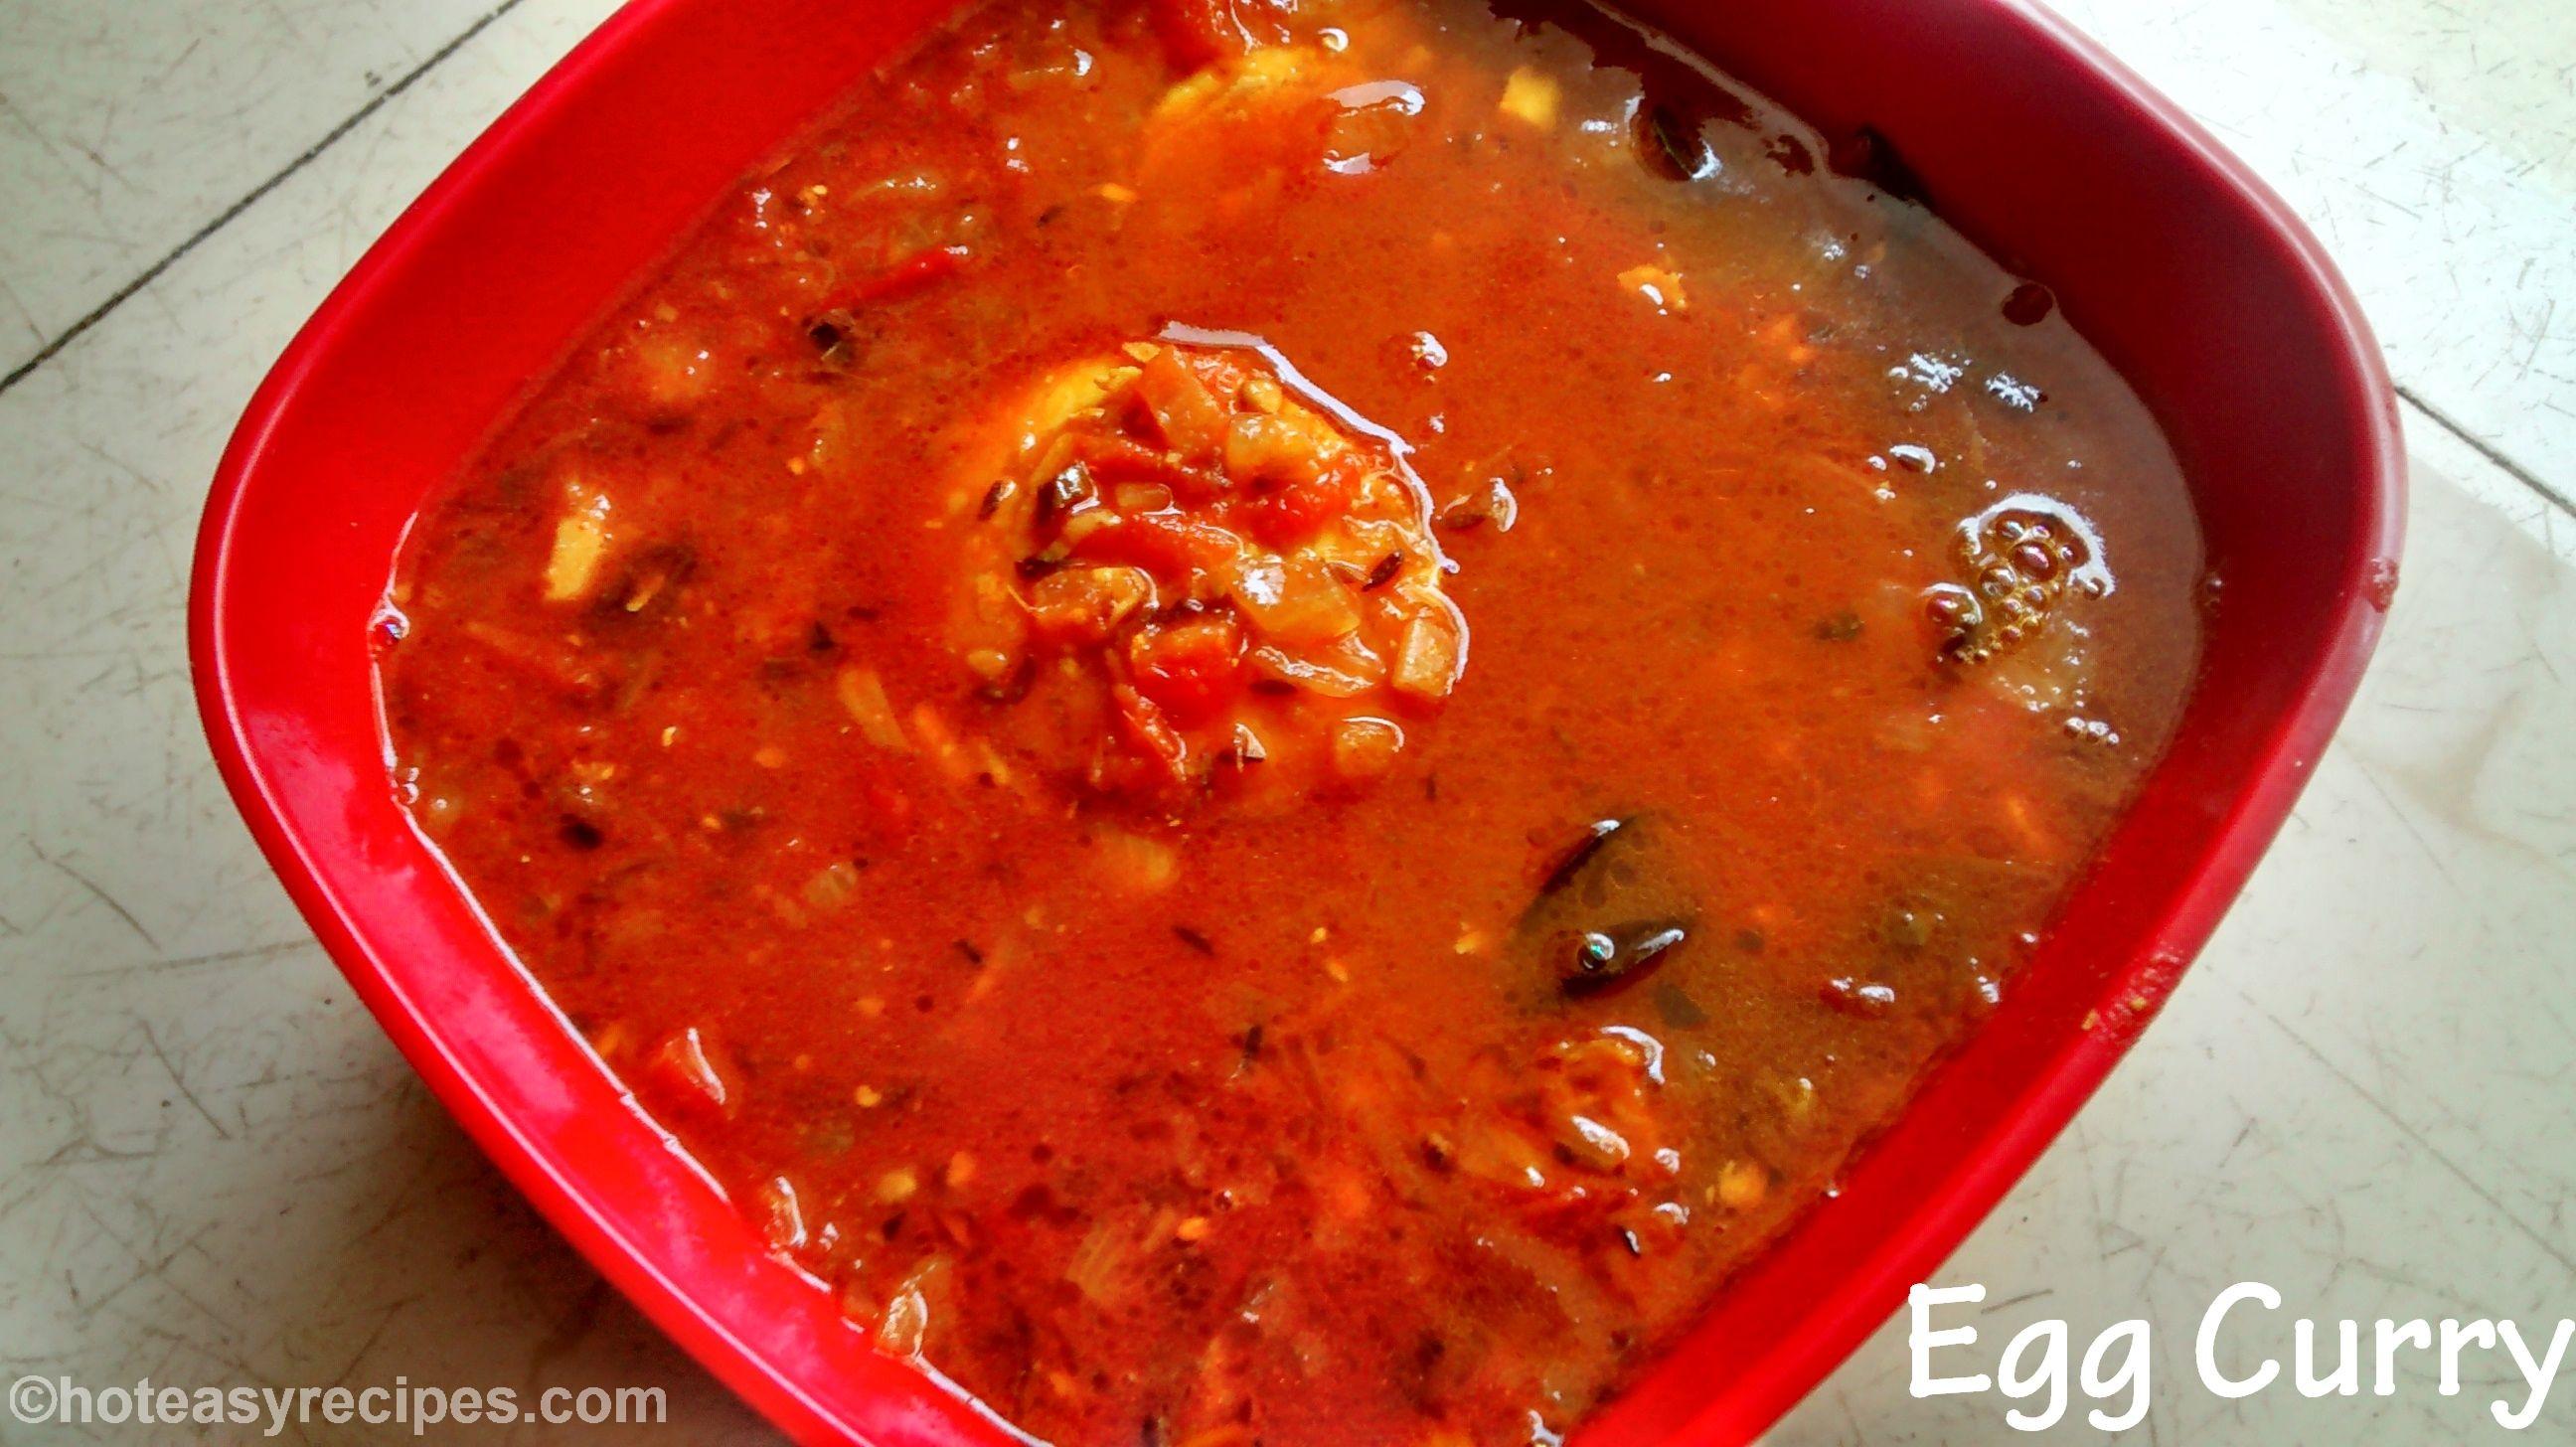 एग करी रेसिपी (Egg Curry Recipe)